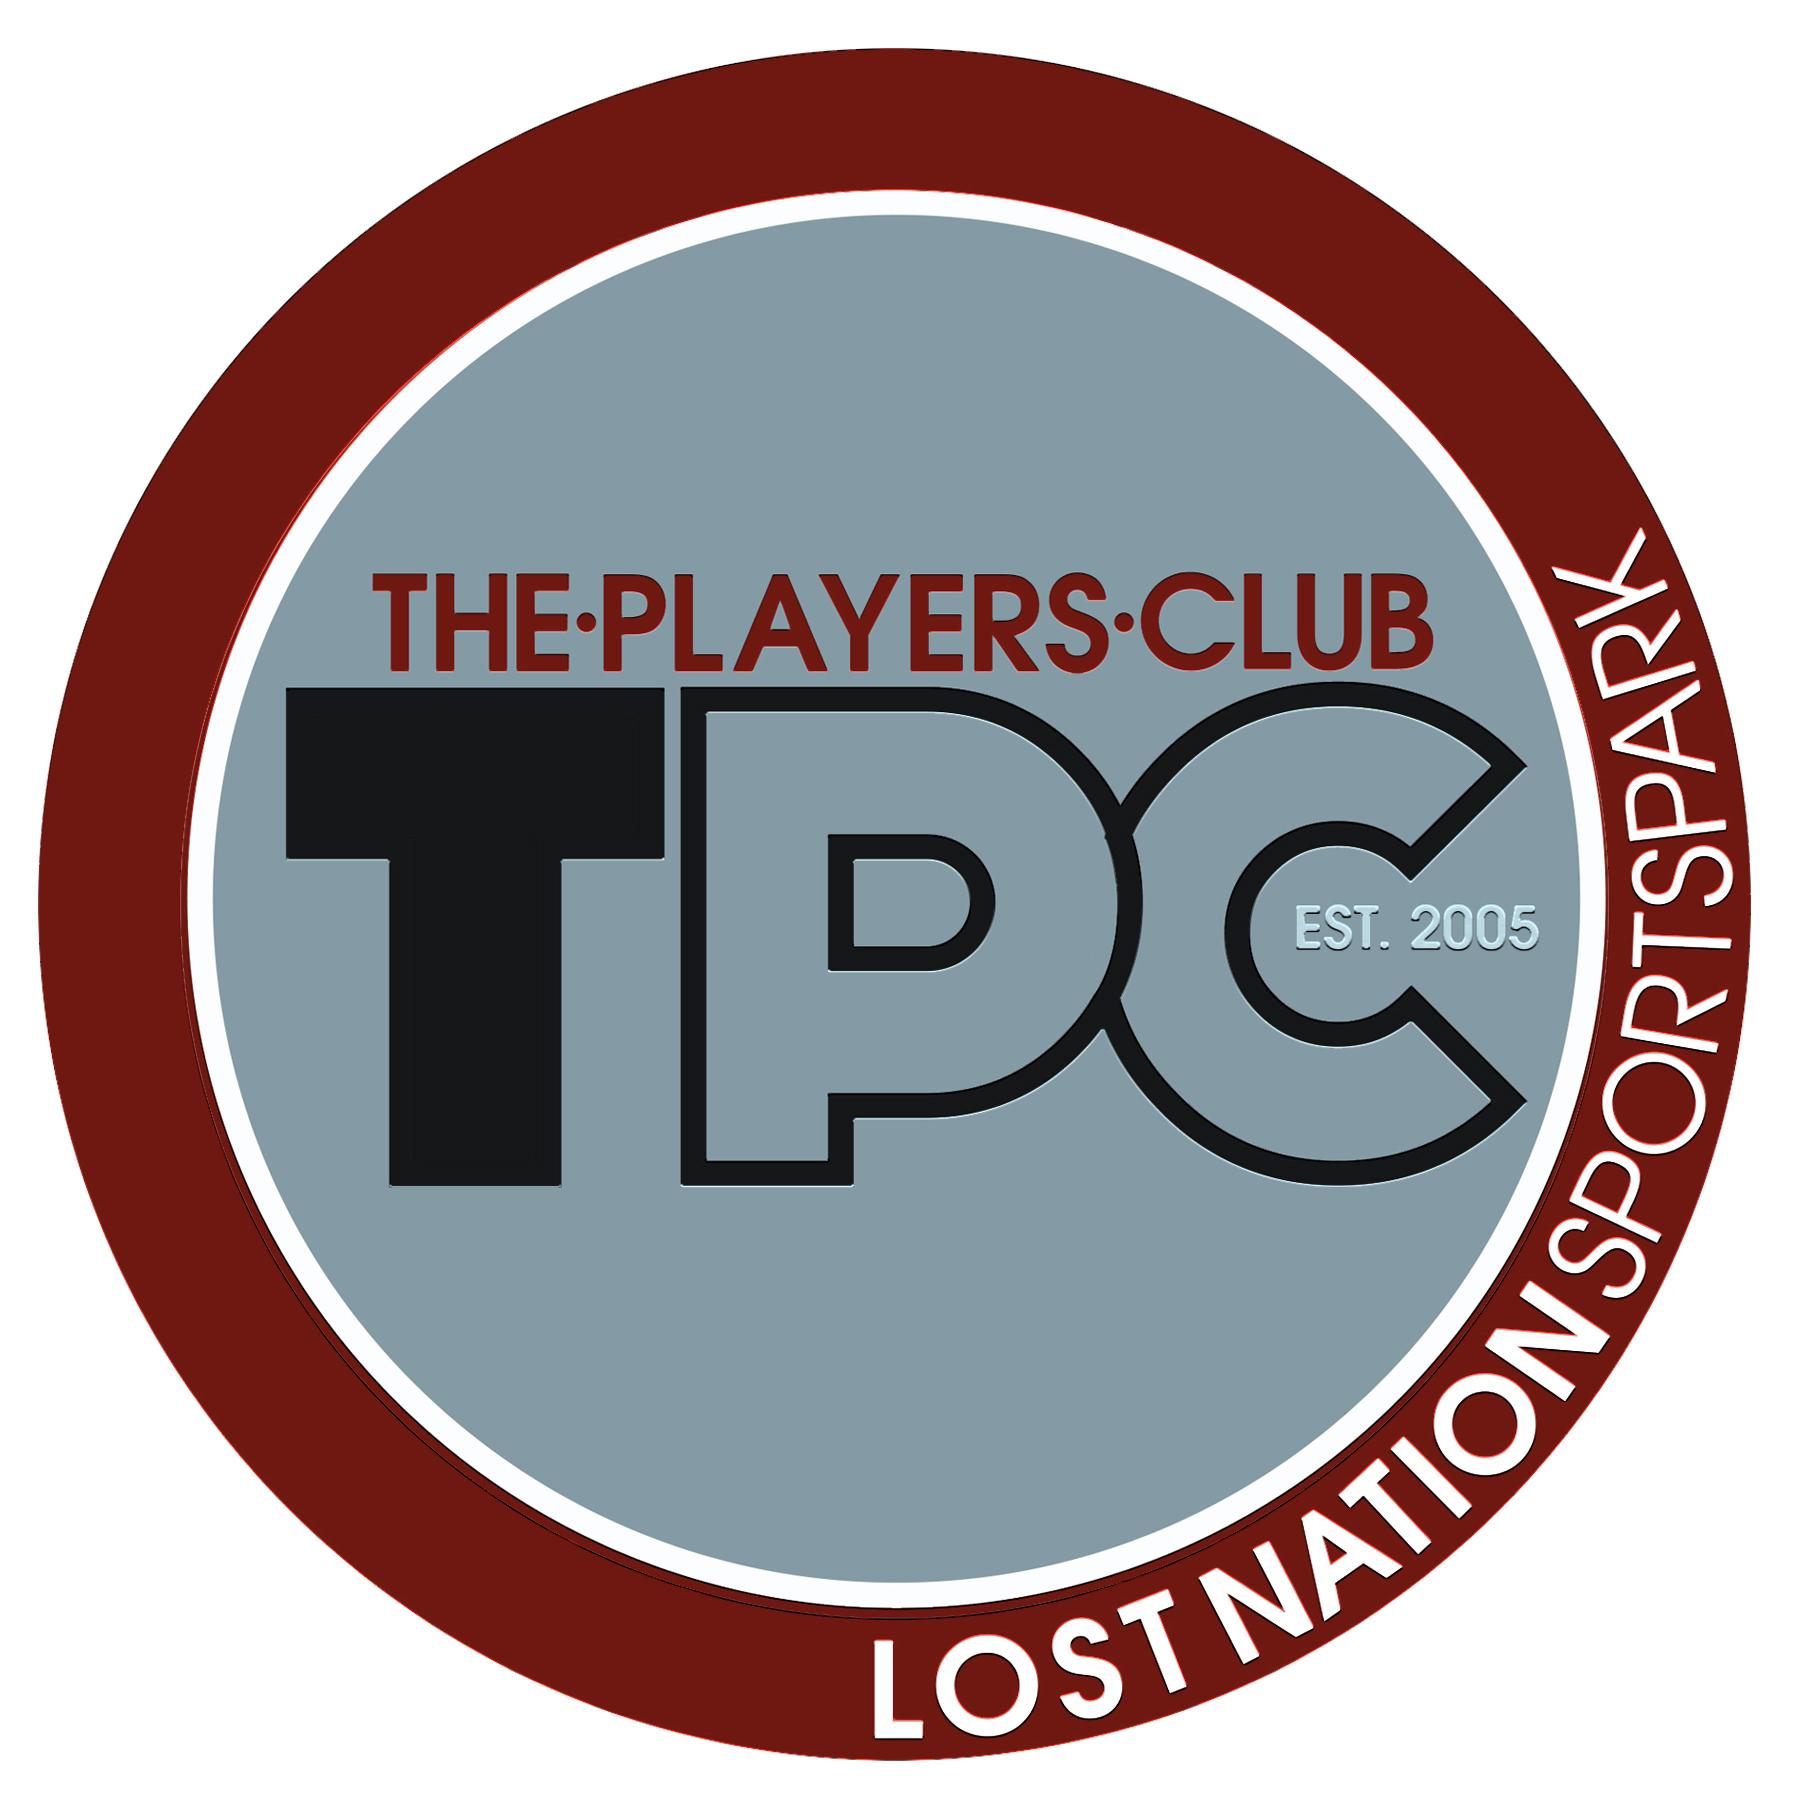 TPC_LOGO2_FINAL.jpg